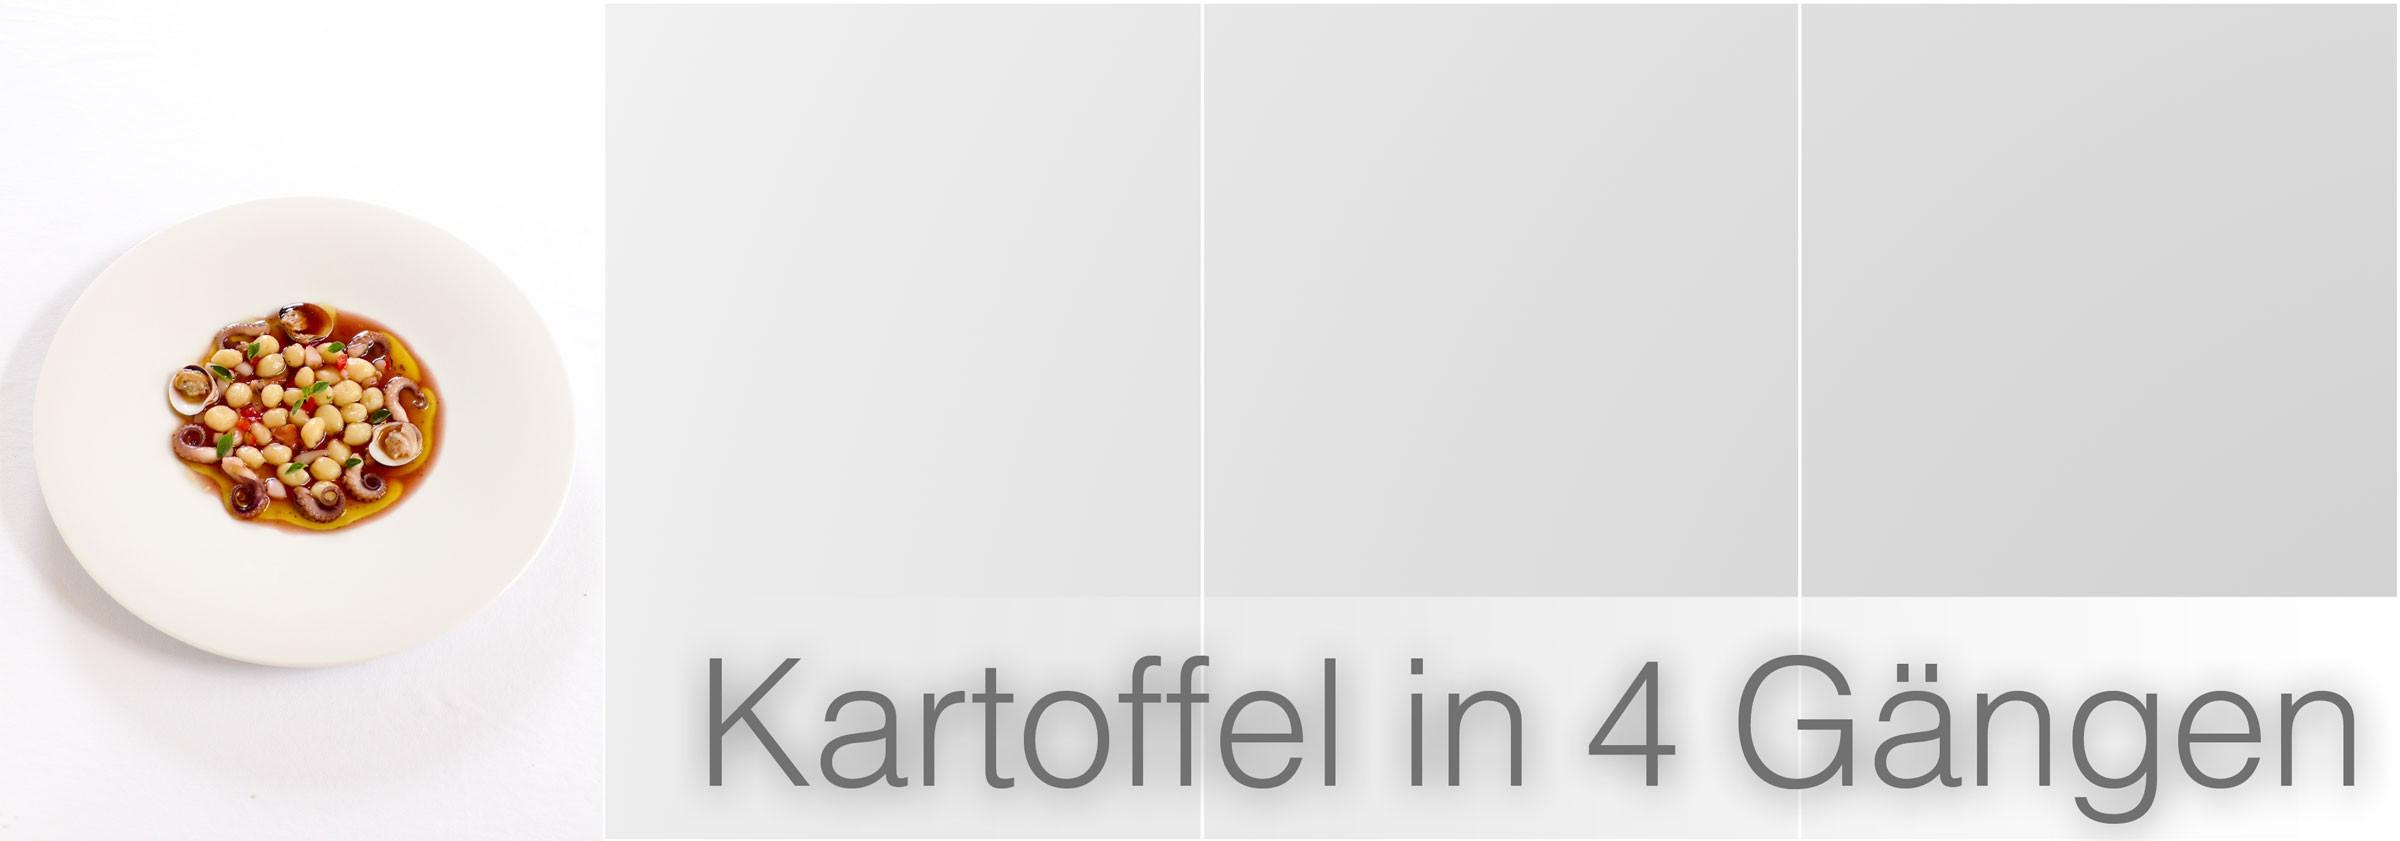 Kartoffel-in-4-Gängen-1